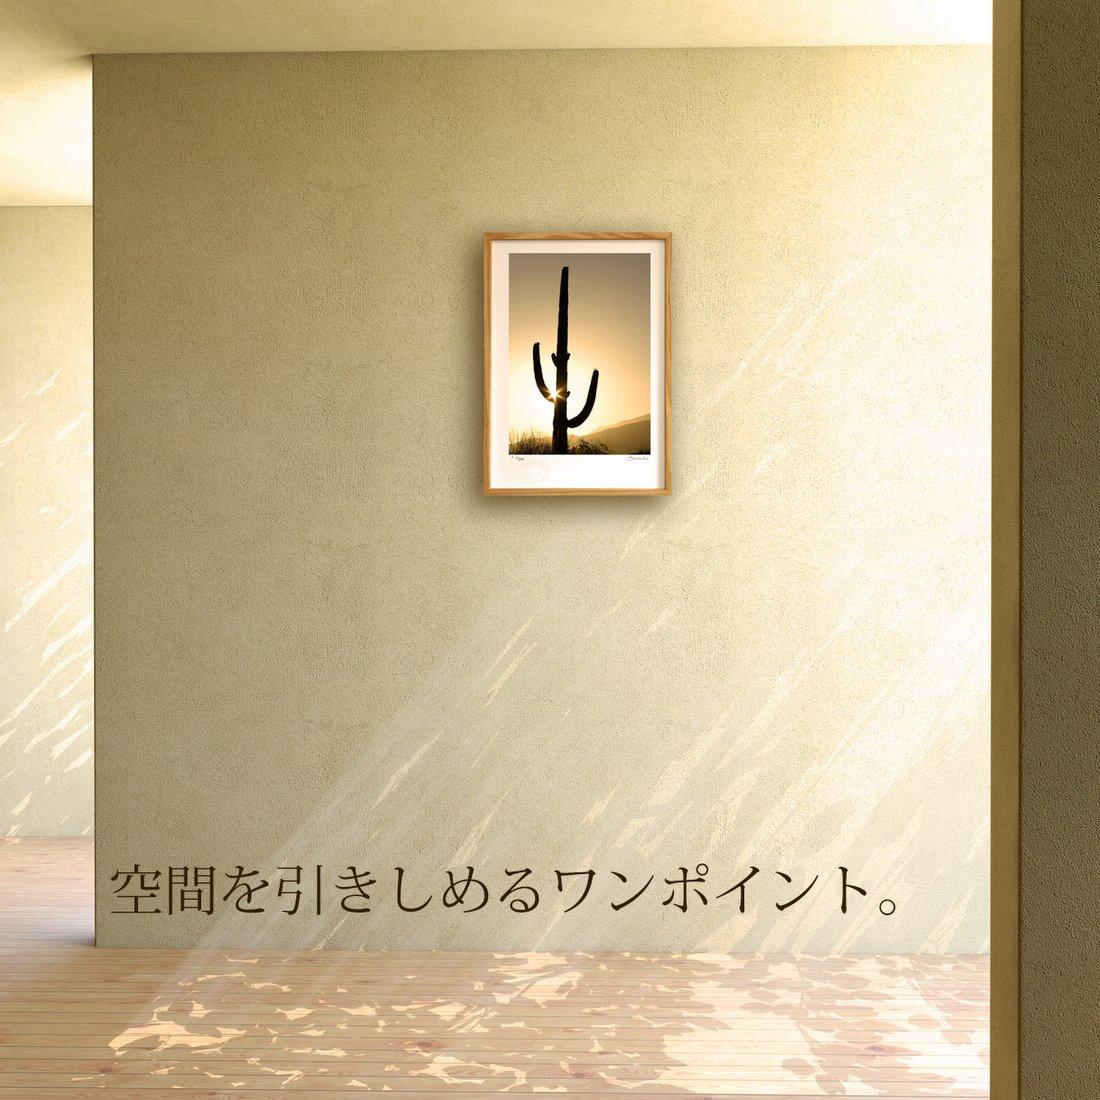 【版画 絵画】パームツリー レトロスタイル2(スミコ スコット)/インテリア 壁掛け 額入り アート アートパネル アートフレーム